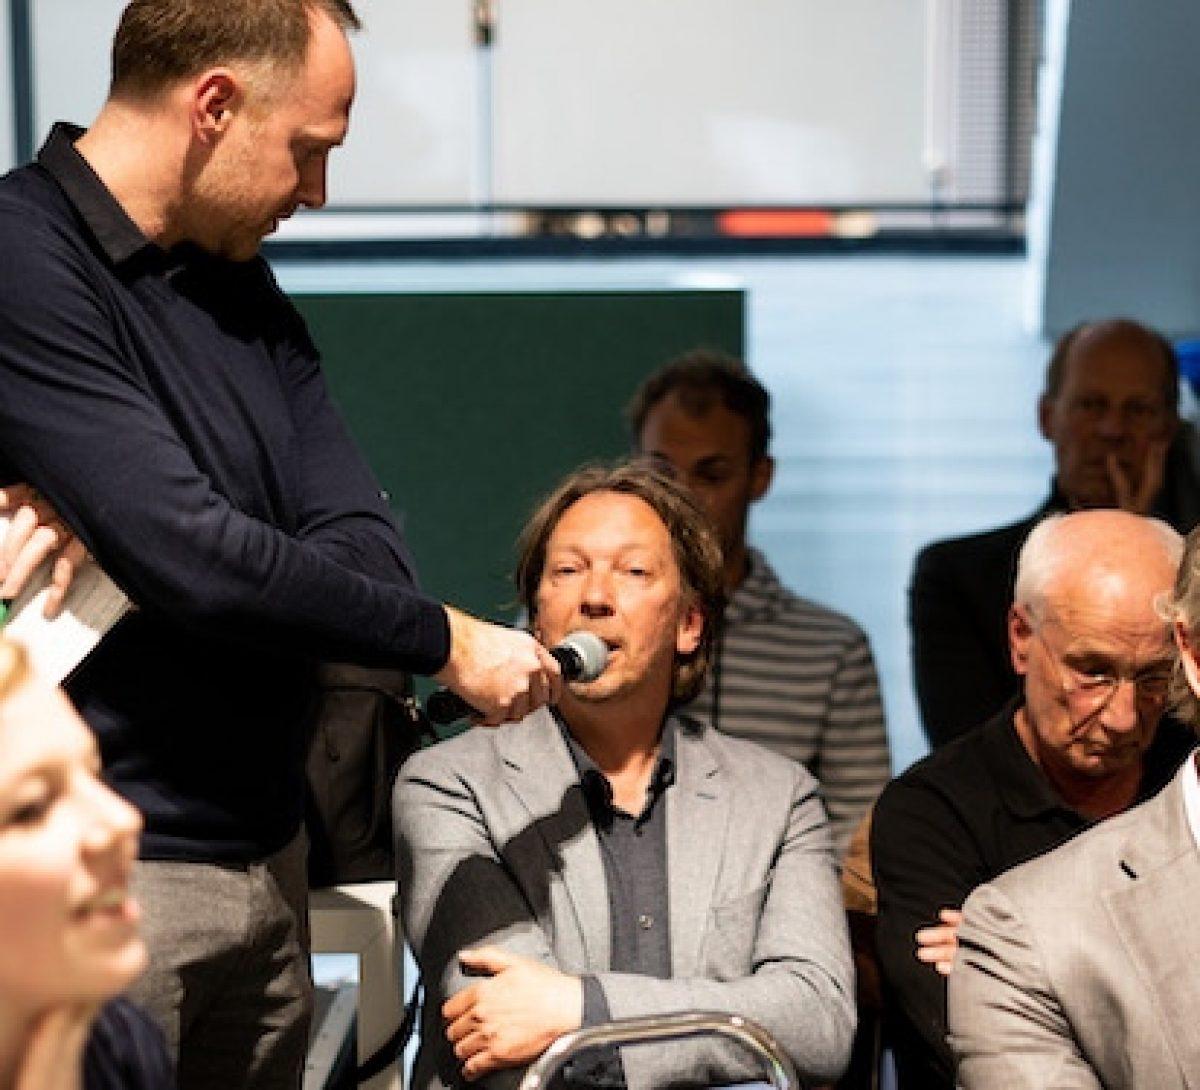 20190517 S Ymposium Vander Pol Knibbeler by Raisadekoning